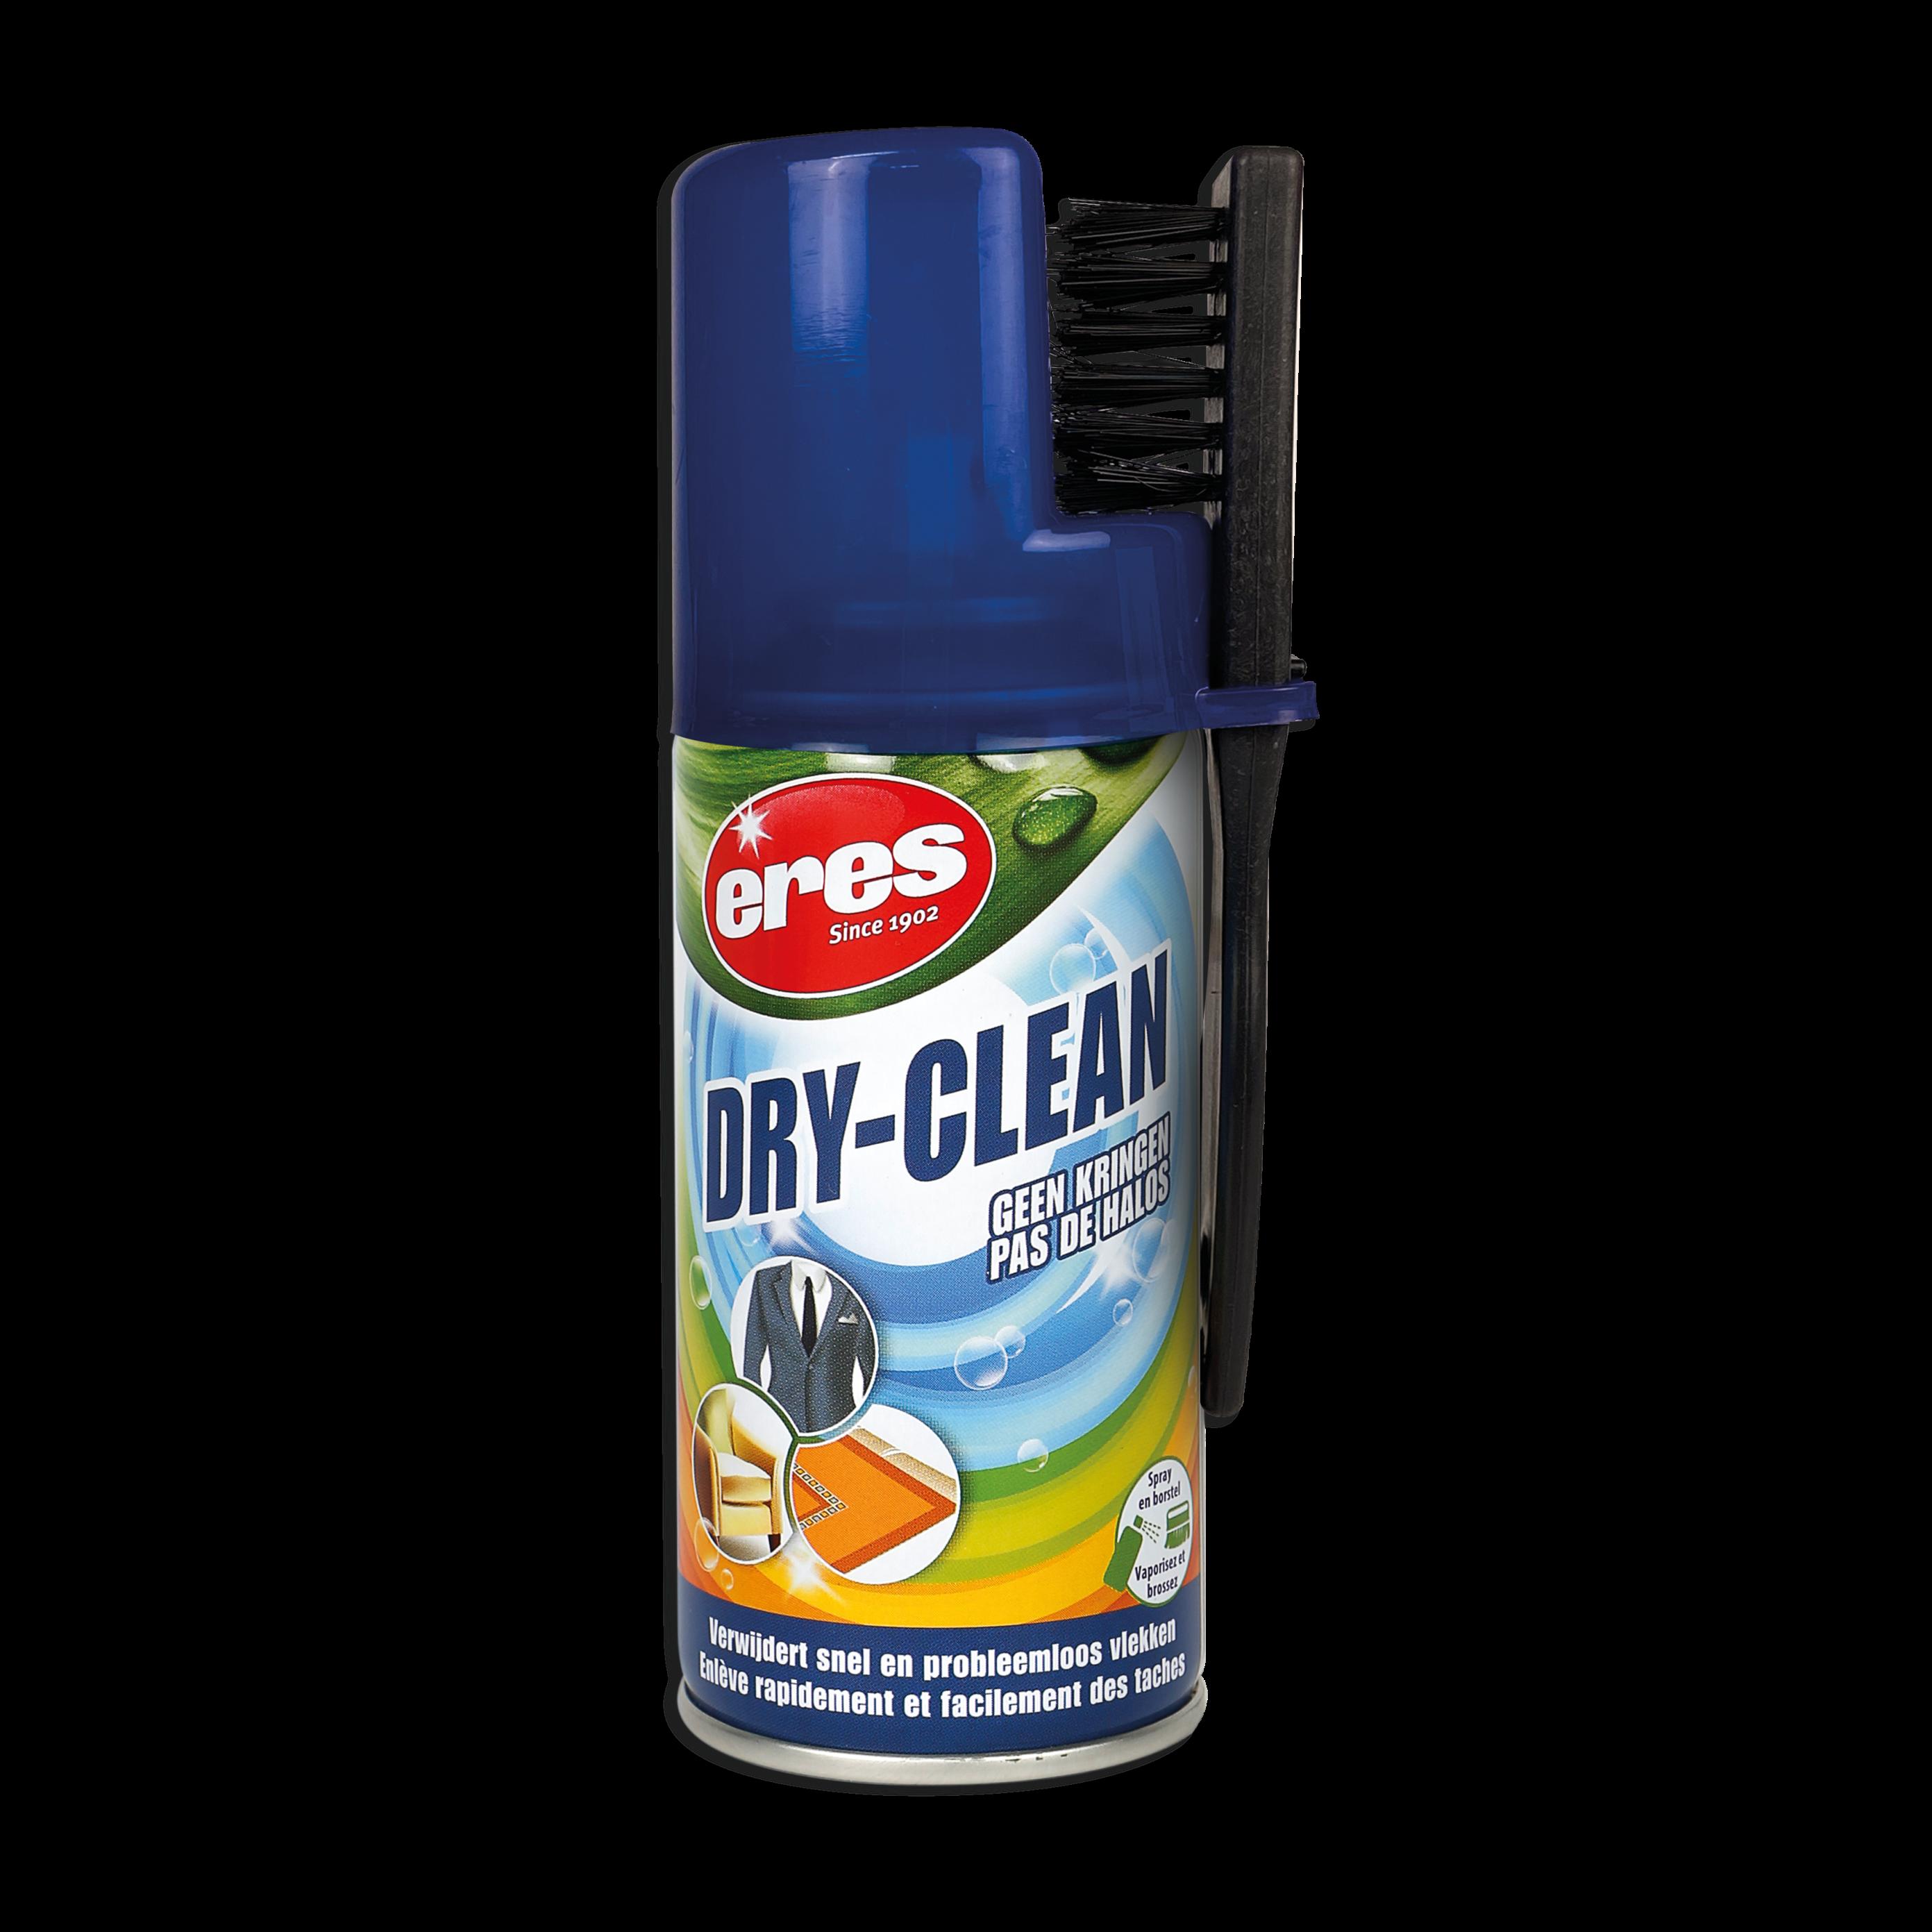 DRY-CLEAN